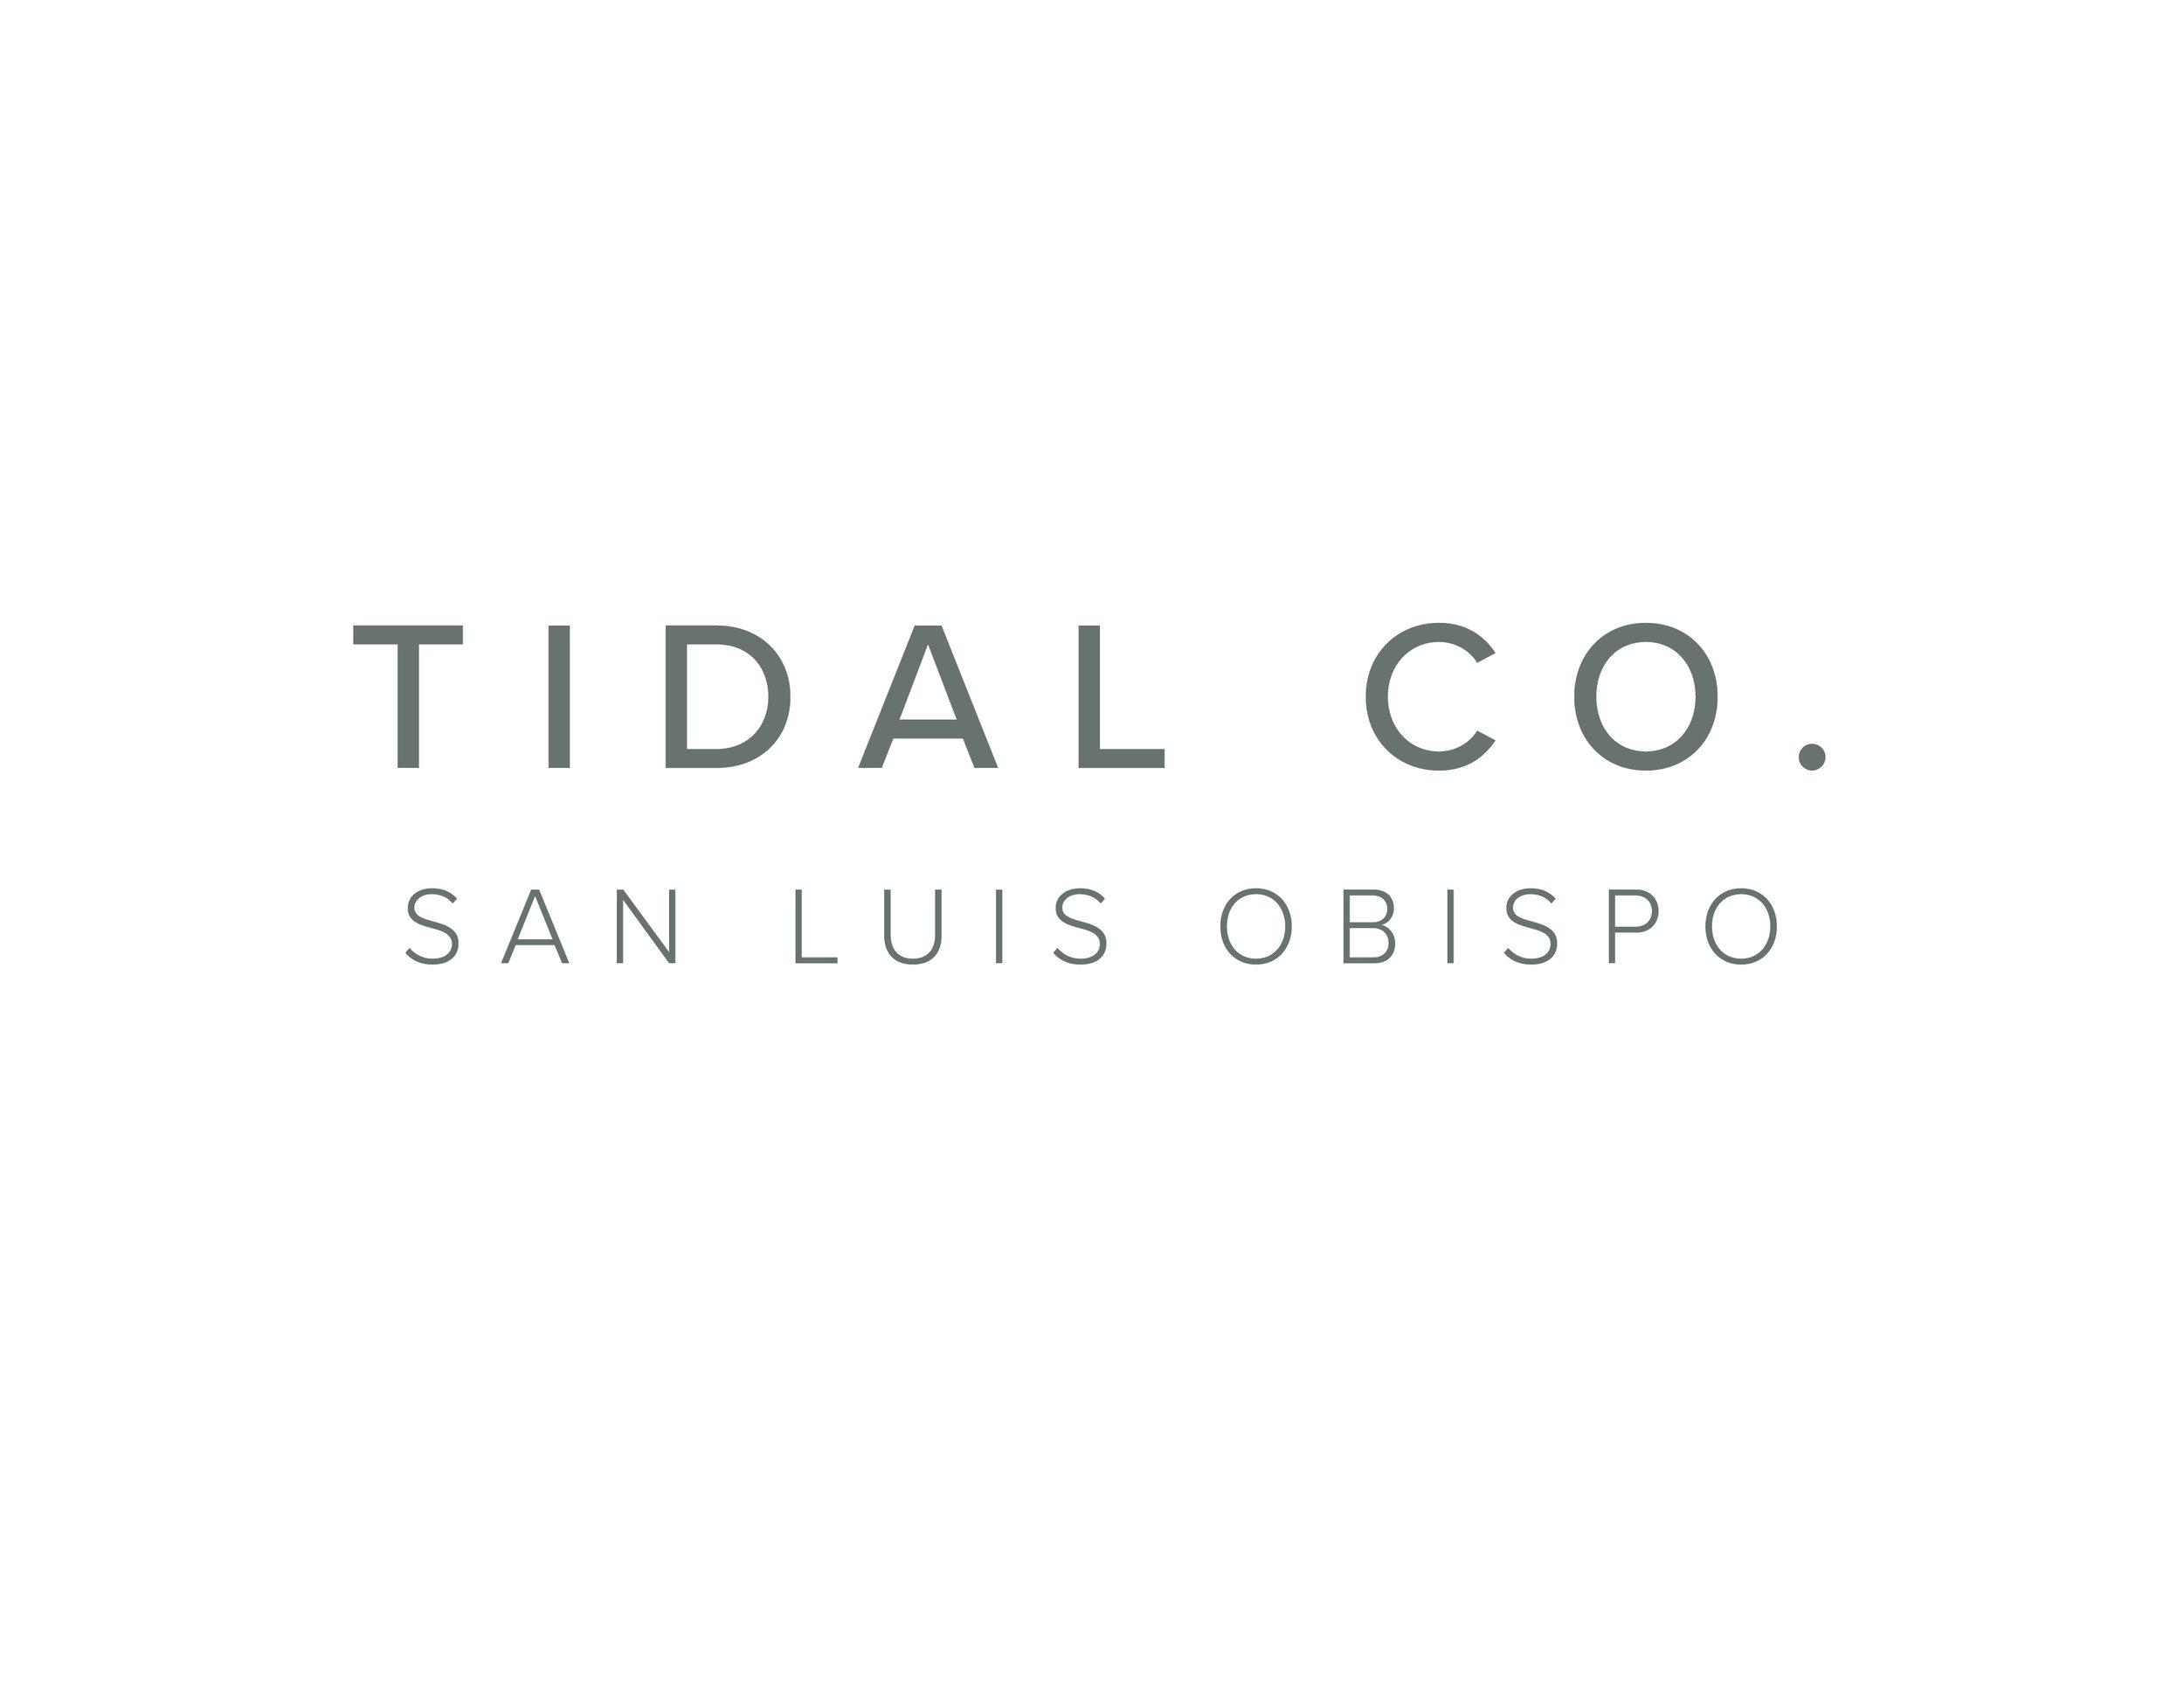 TidalCoLogo.jpg